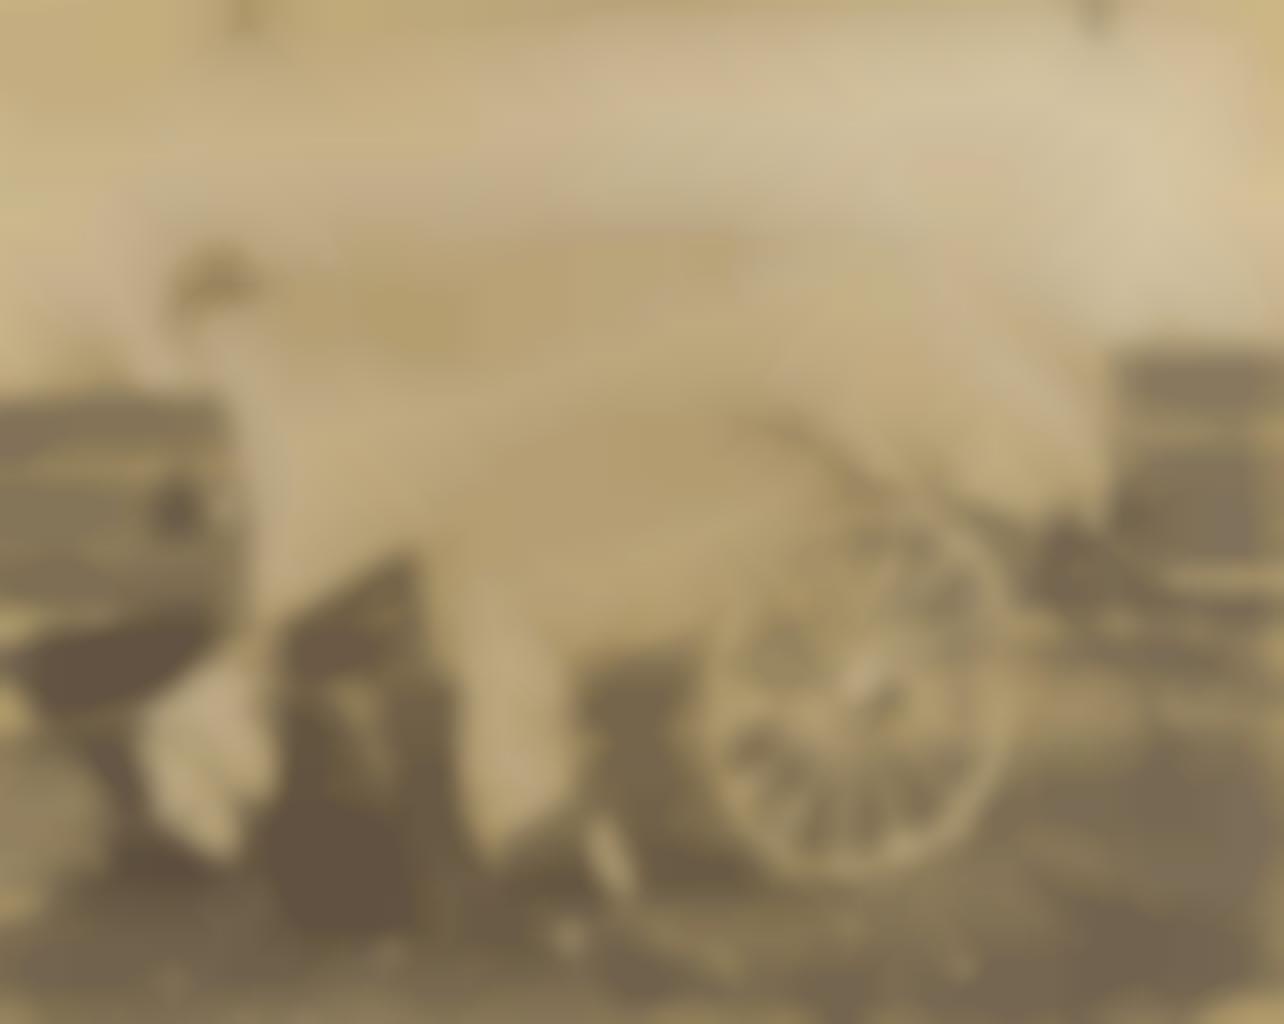 Eugene Atget-Porte de Choisy, zone-1913